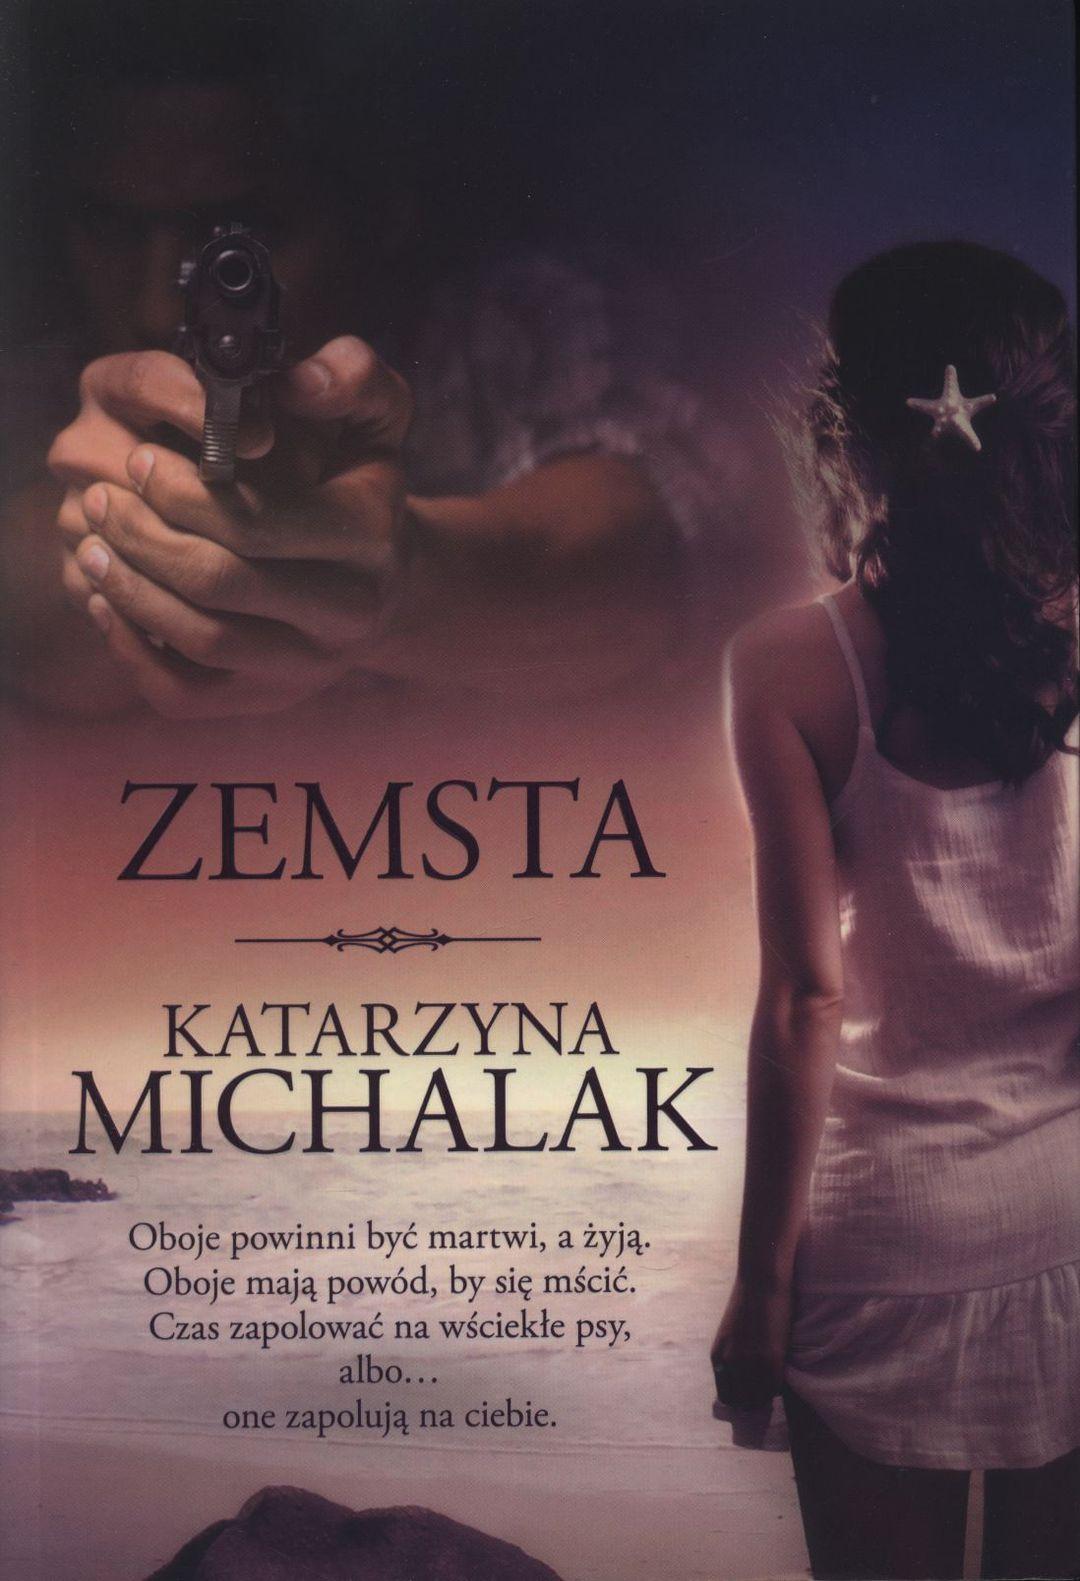 Michalak Katarzyna – Zemsta